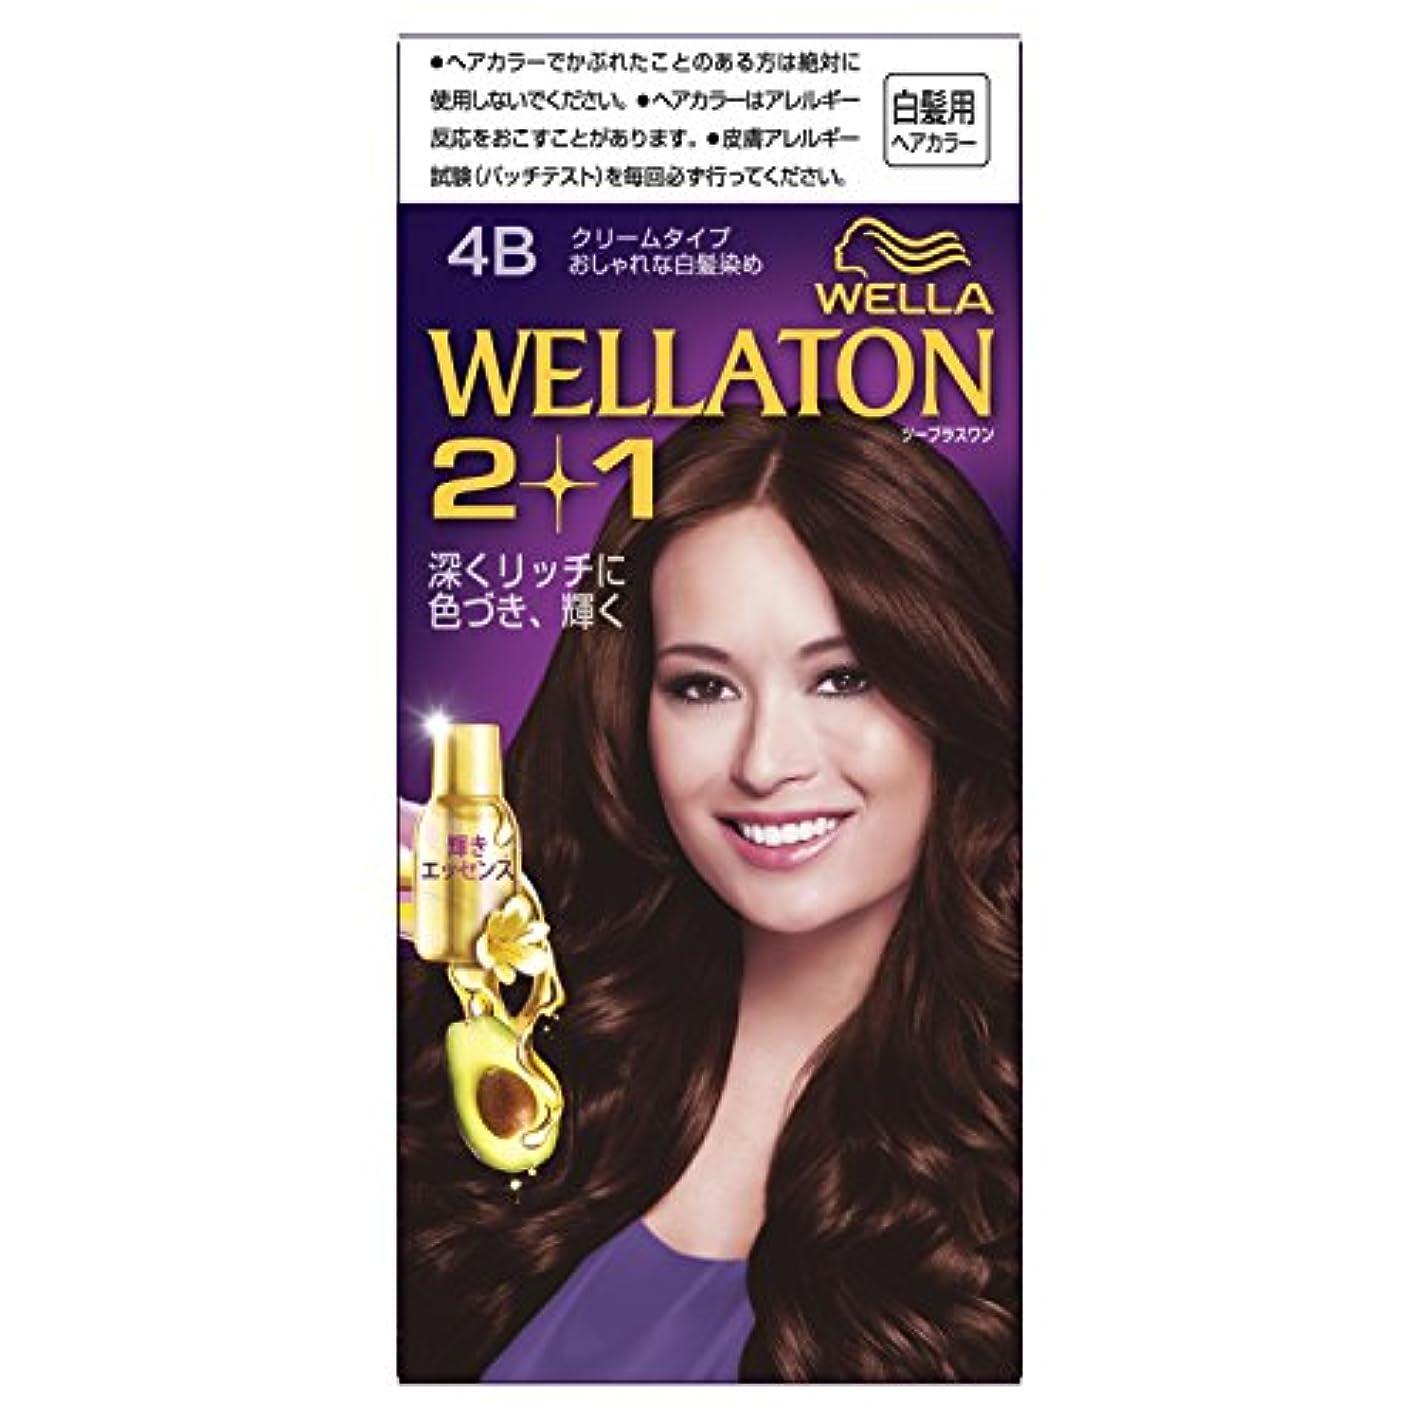 飲食店助言明確なウエラトーン2+1 クリームタイプ 4B [医薬部外品](おしゃれな白髪染め)